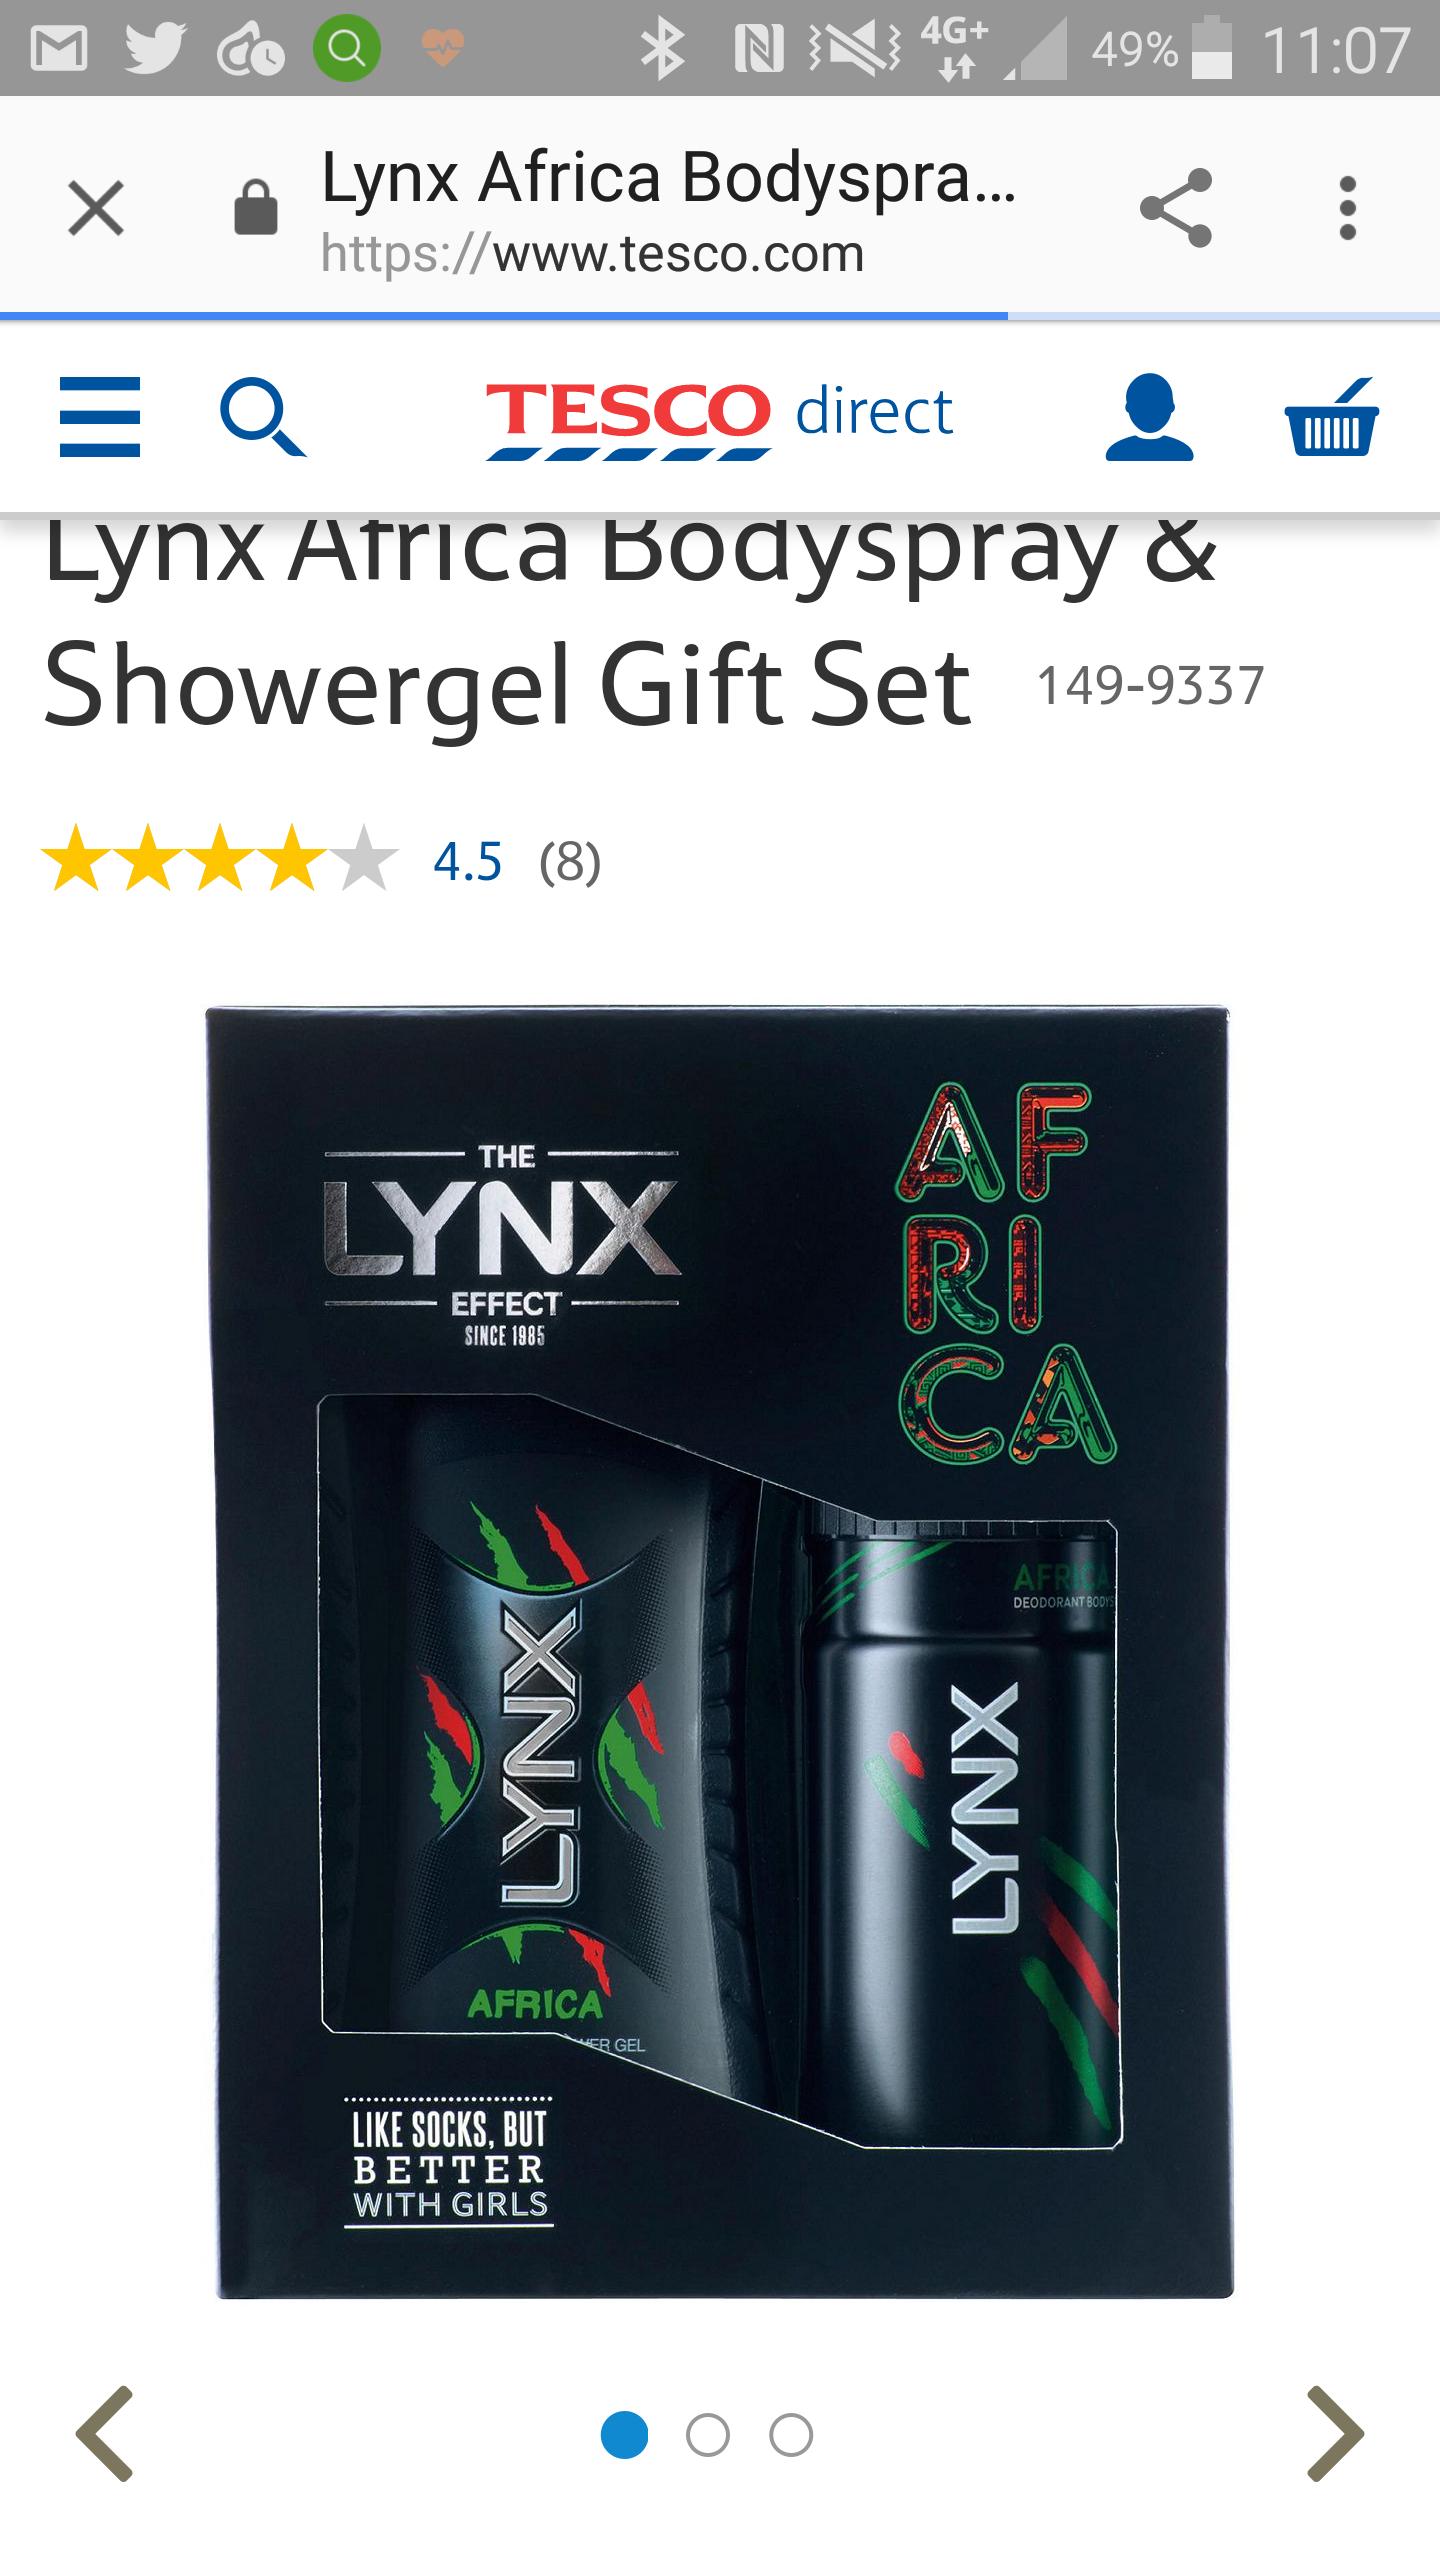 Lynx africa gift pack 65p @ Tesco instore